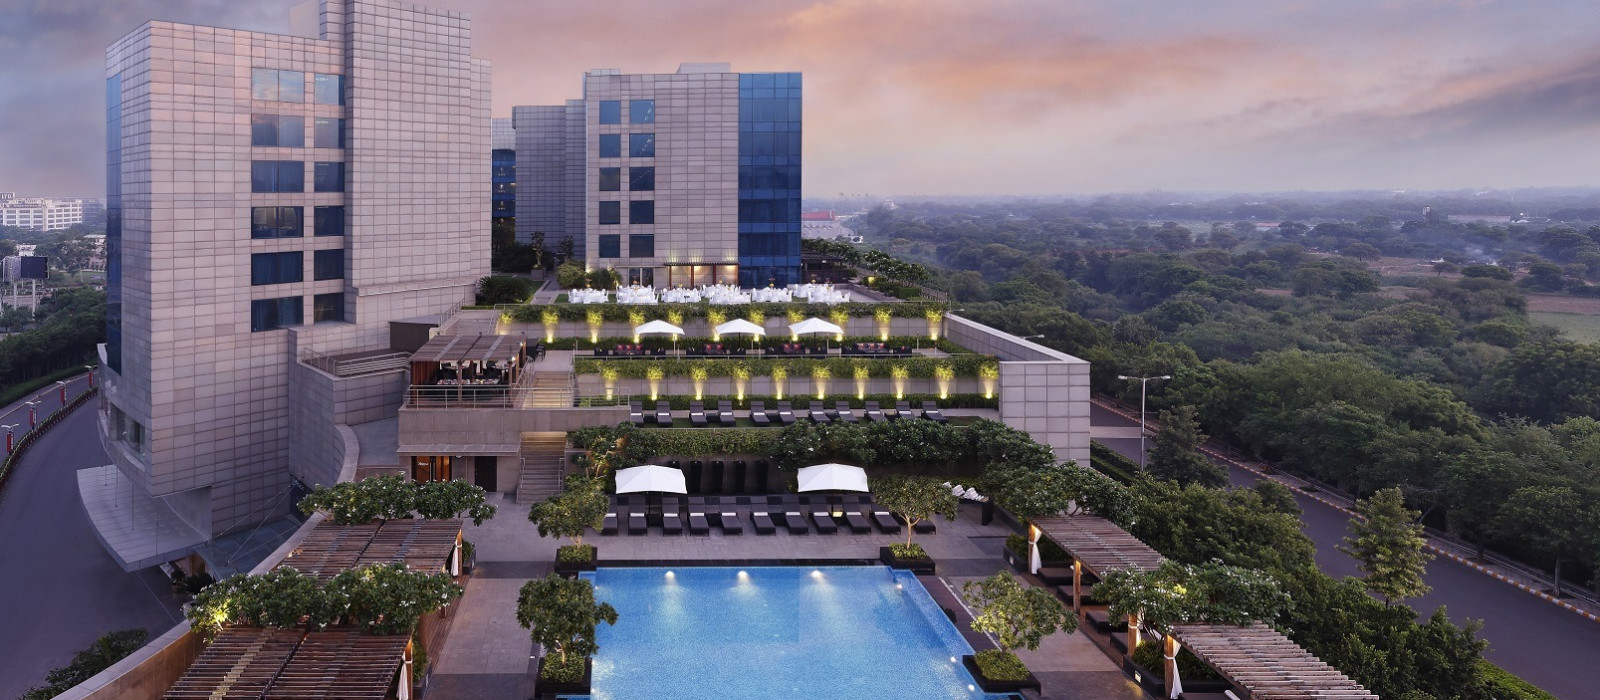 Hotel The Leela Ambience Gurgaon Nordindien